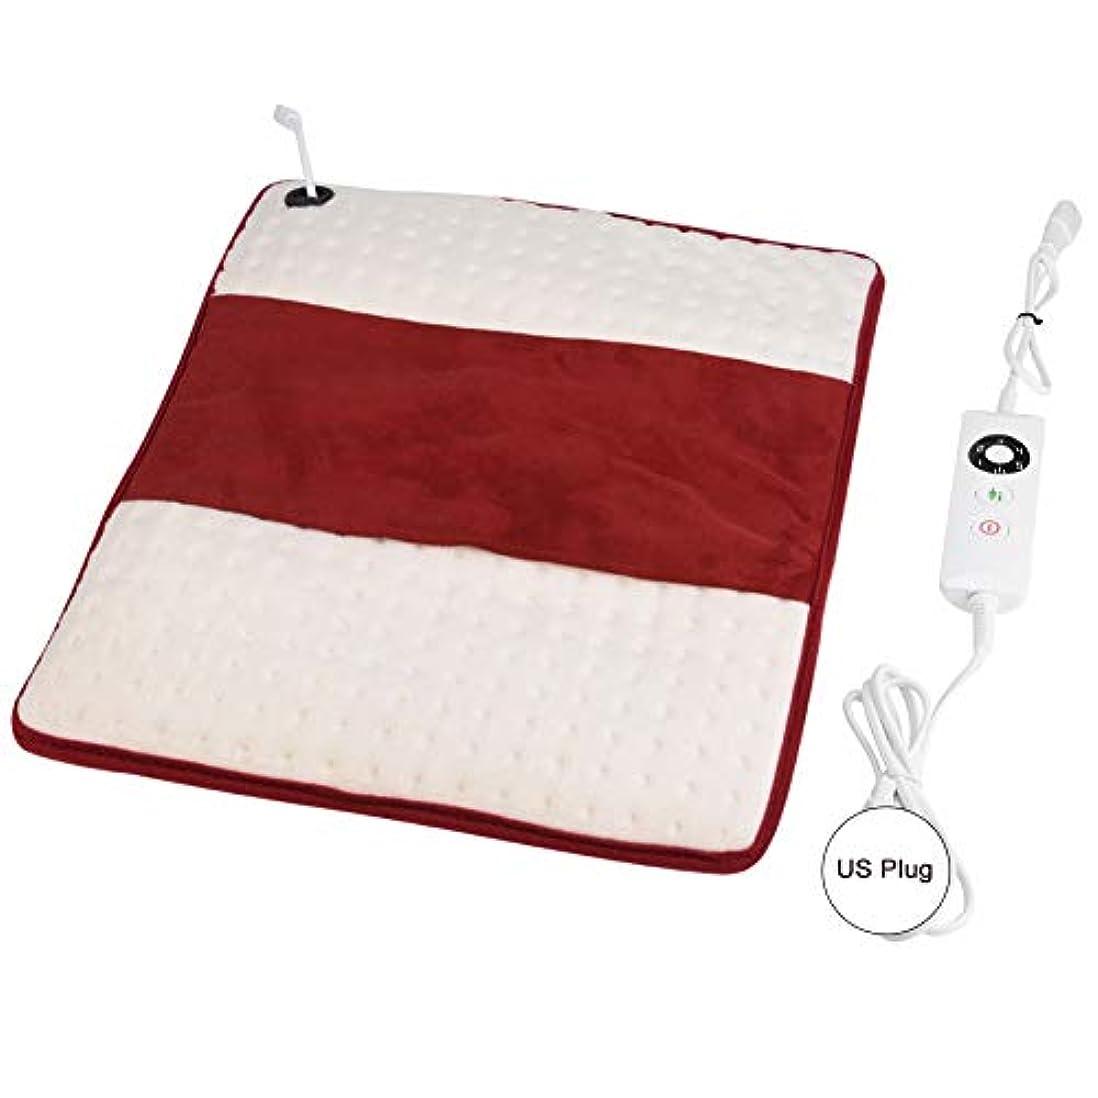 電気暖房のパッド、多機能の電気暖房療法のパッドの洗濯できる腰痛の救助のマット(US Plug)